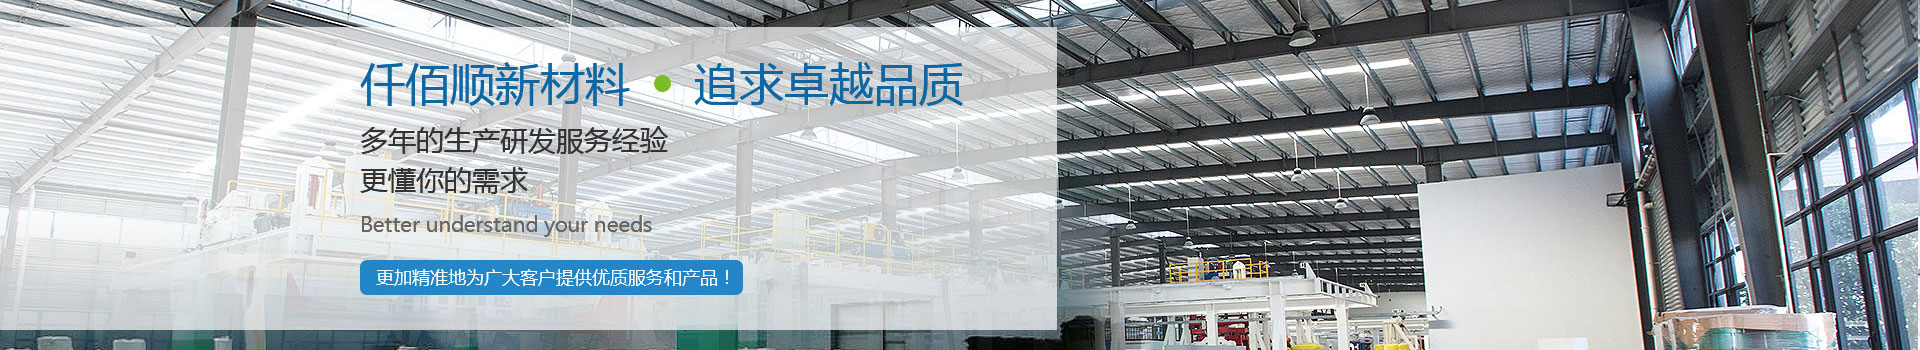 防尘口罩厂家|河南防尘口罩|河南工业防尘口罩